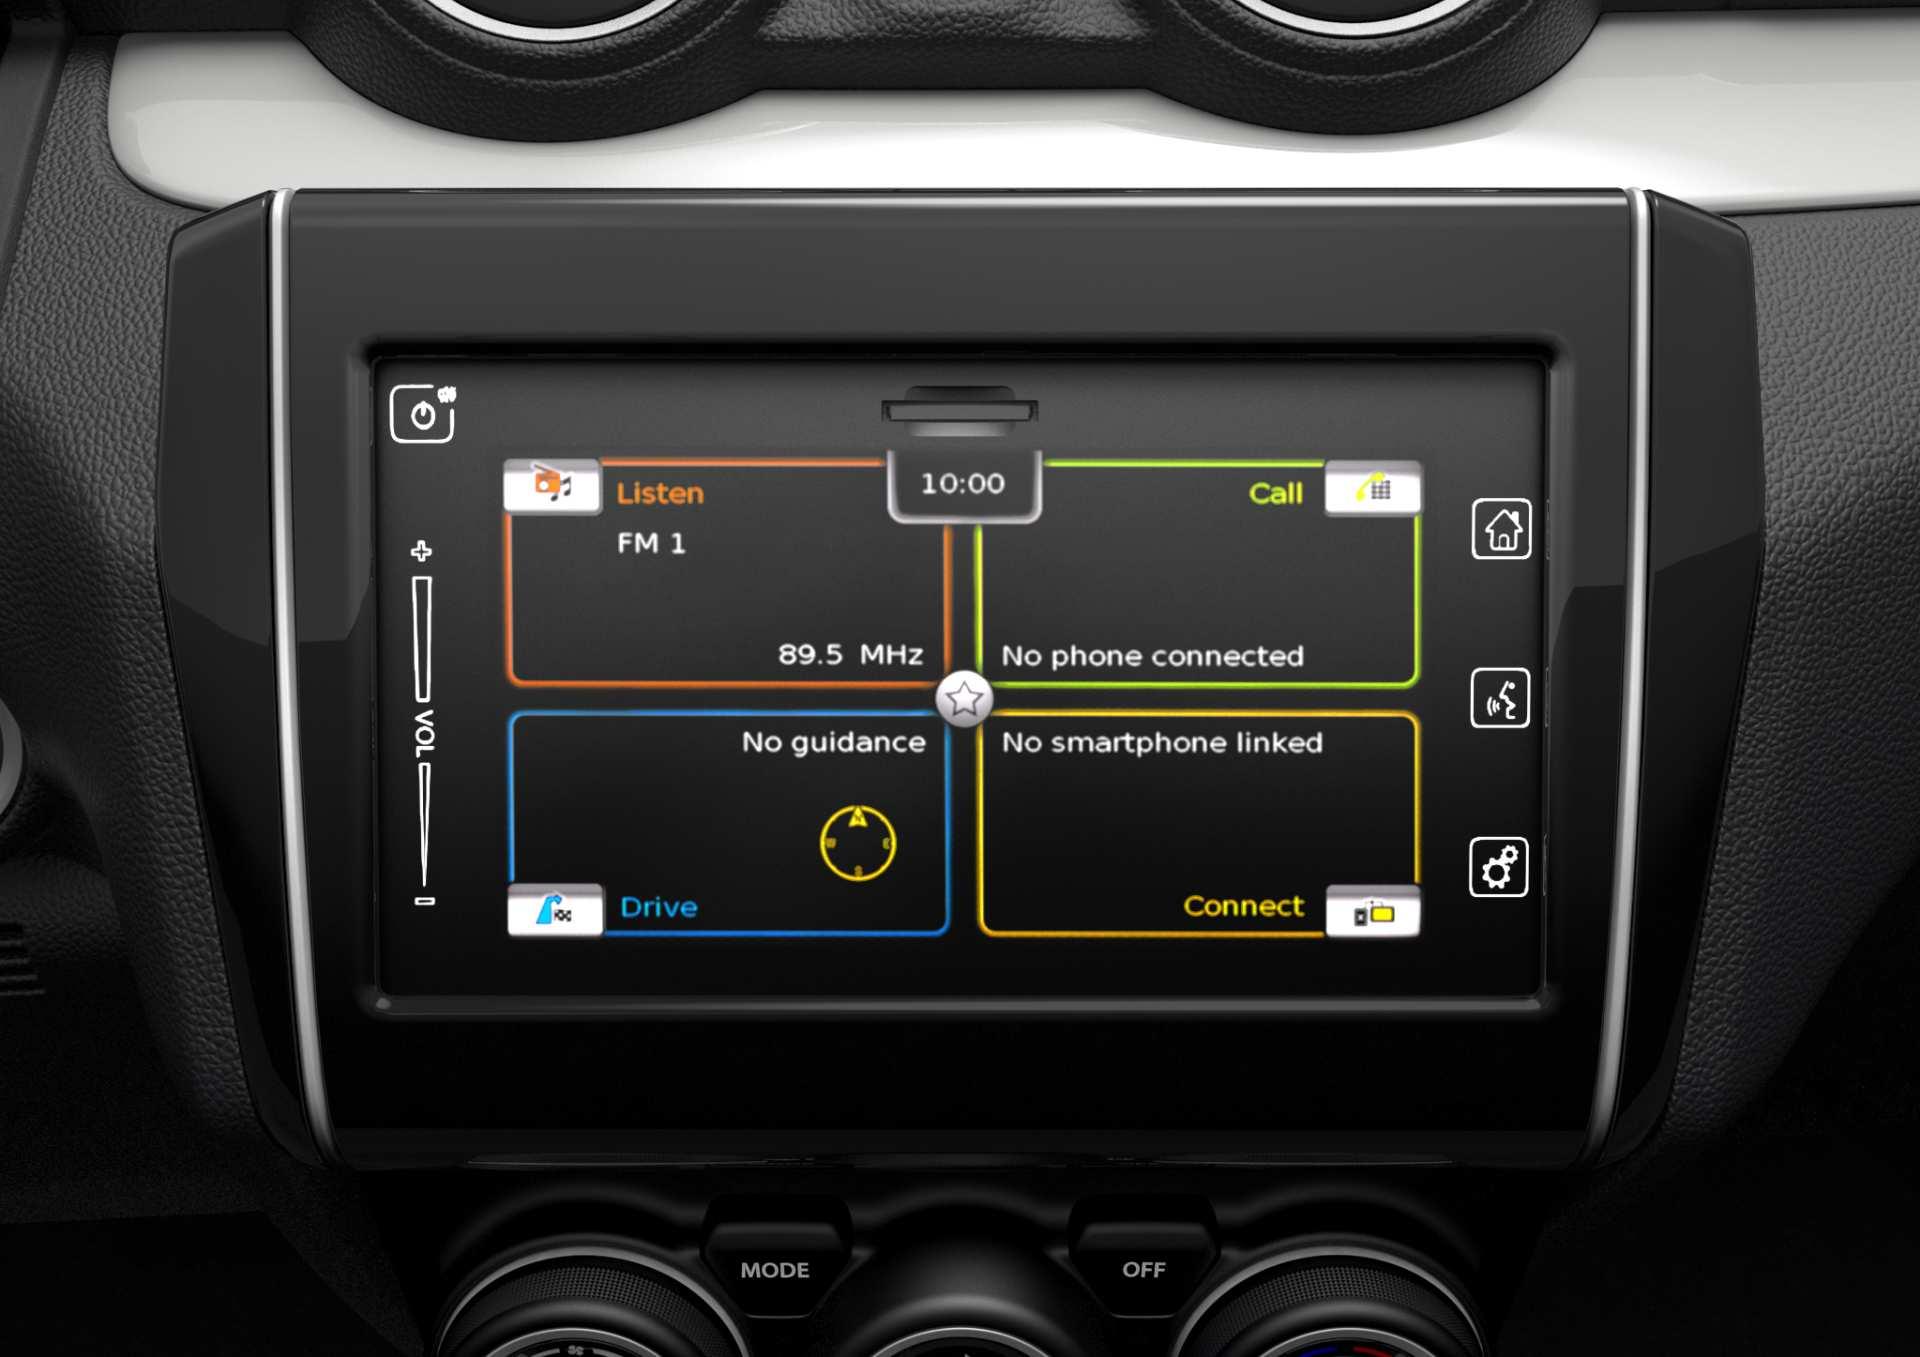 https://weltexpress.info/wp-content/uploads/2018/10/Suzuki-Swift-Interieur-Display-19_SWIFT_interior_Smartphone-Linkage-Display-Audio-QF-P1920-Copyright-Suzuki.jpg